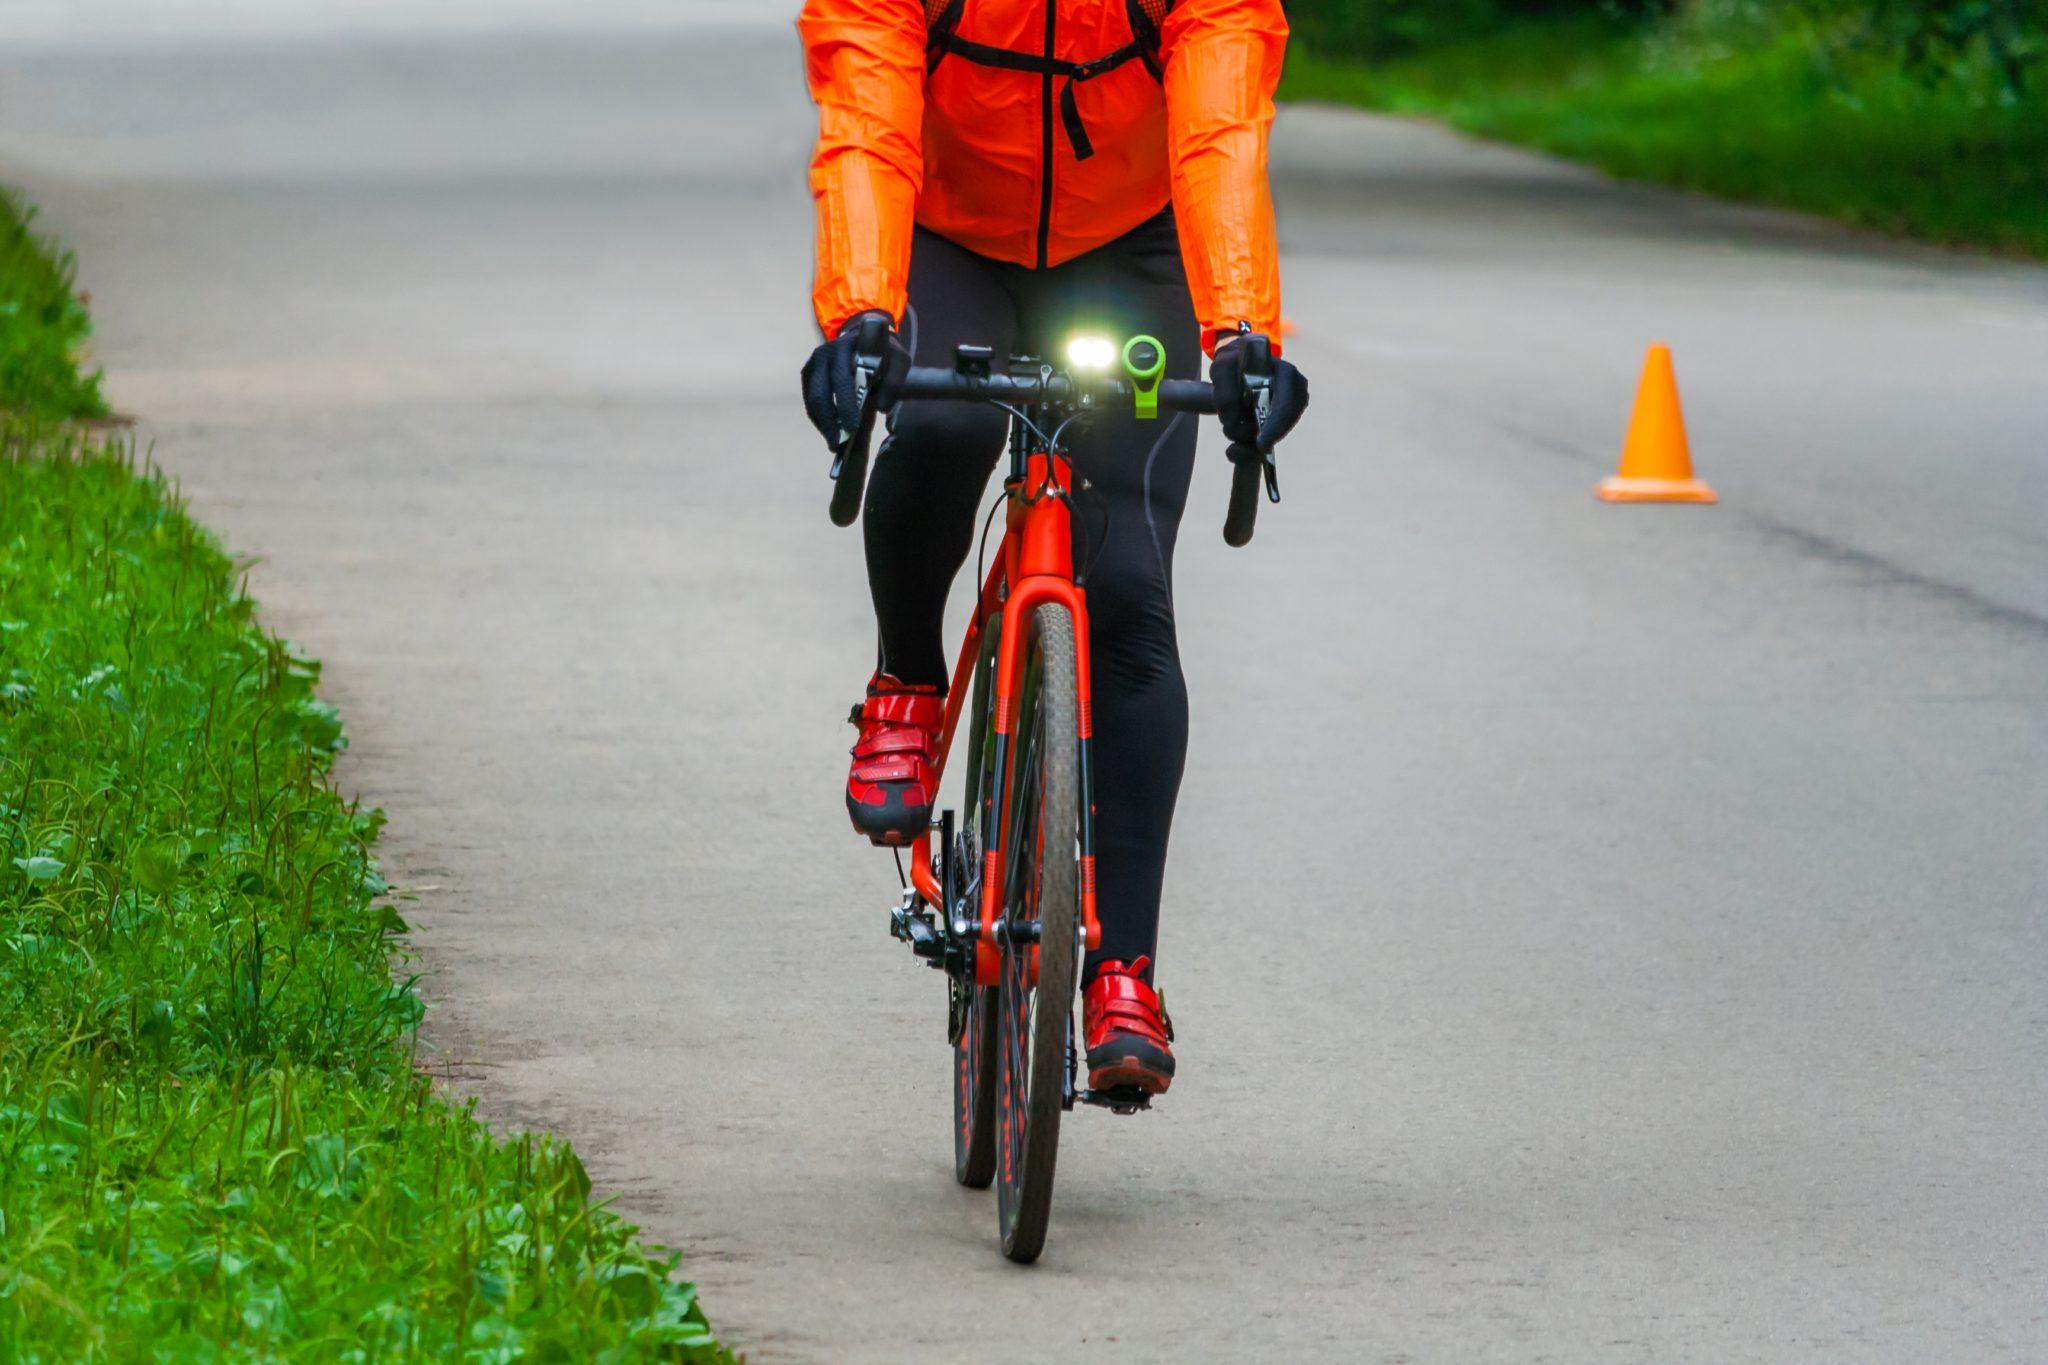 Jaka Latarka Na Rower Do 100 Zł Nasze Propozycje Na Lampki